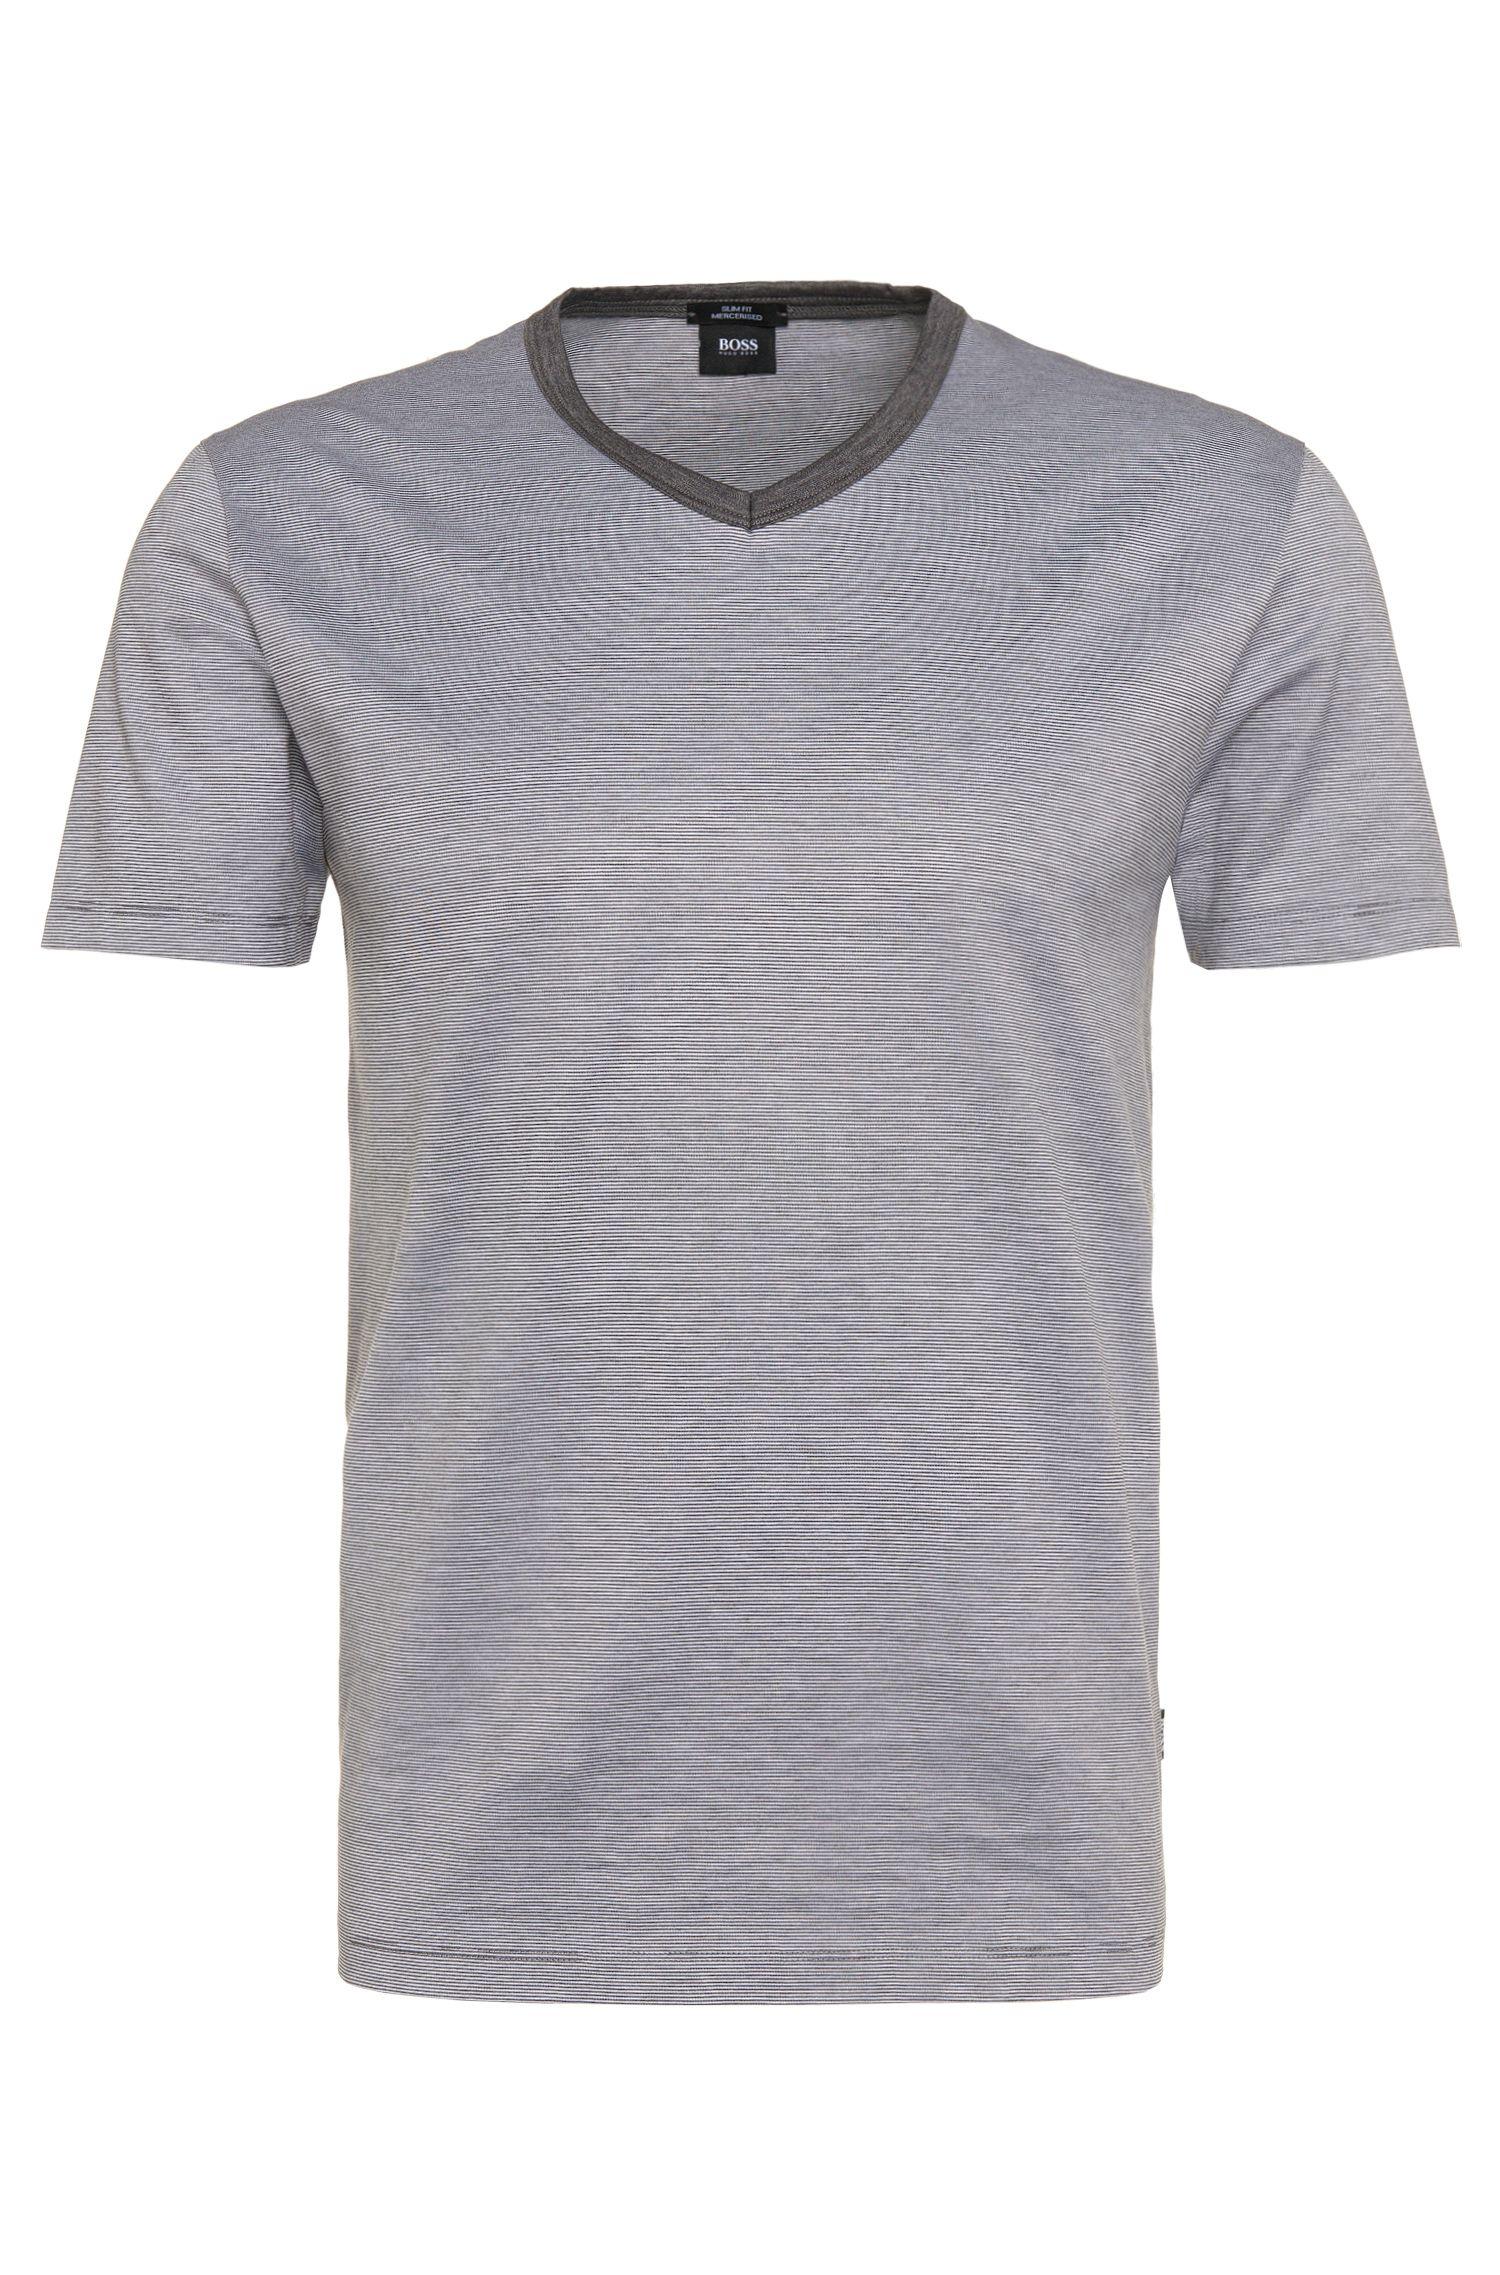 Gestreiftes Slim-Fit T-Shirt aus merzerisierter Baumwolle: 'Teal 08'